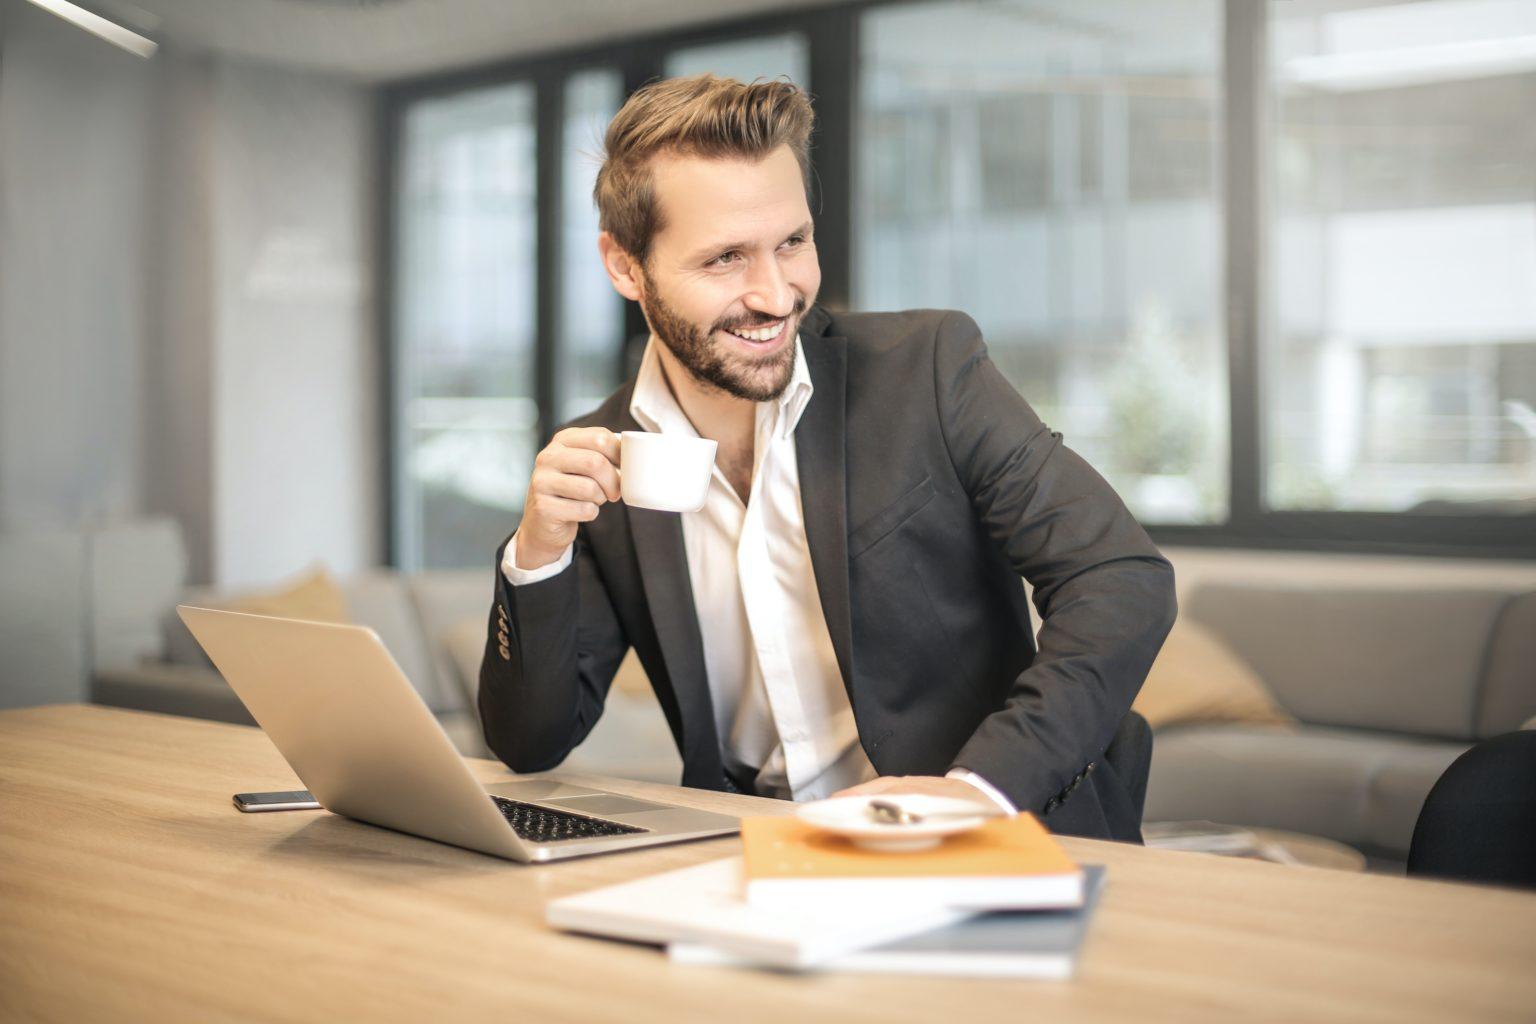 Mann drikker kaffe på jobb